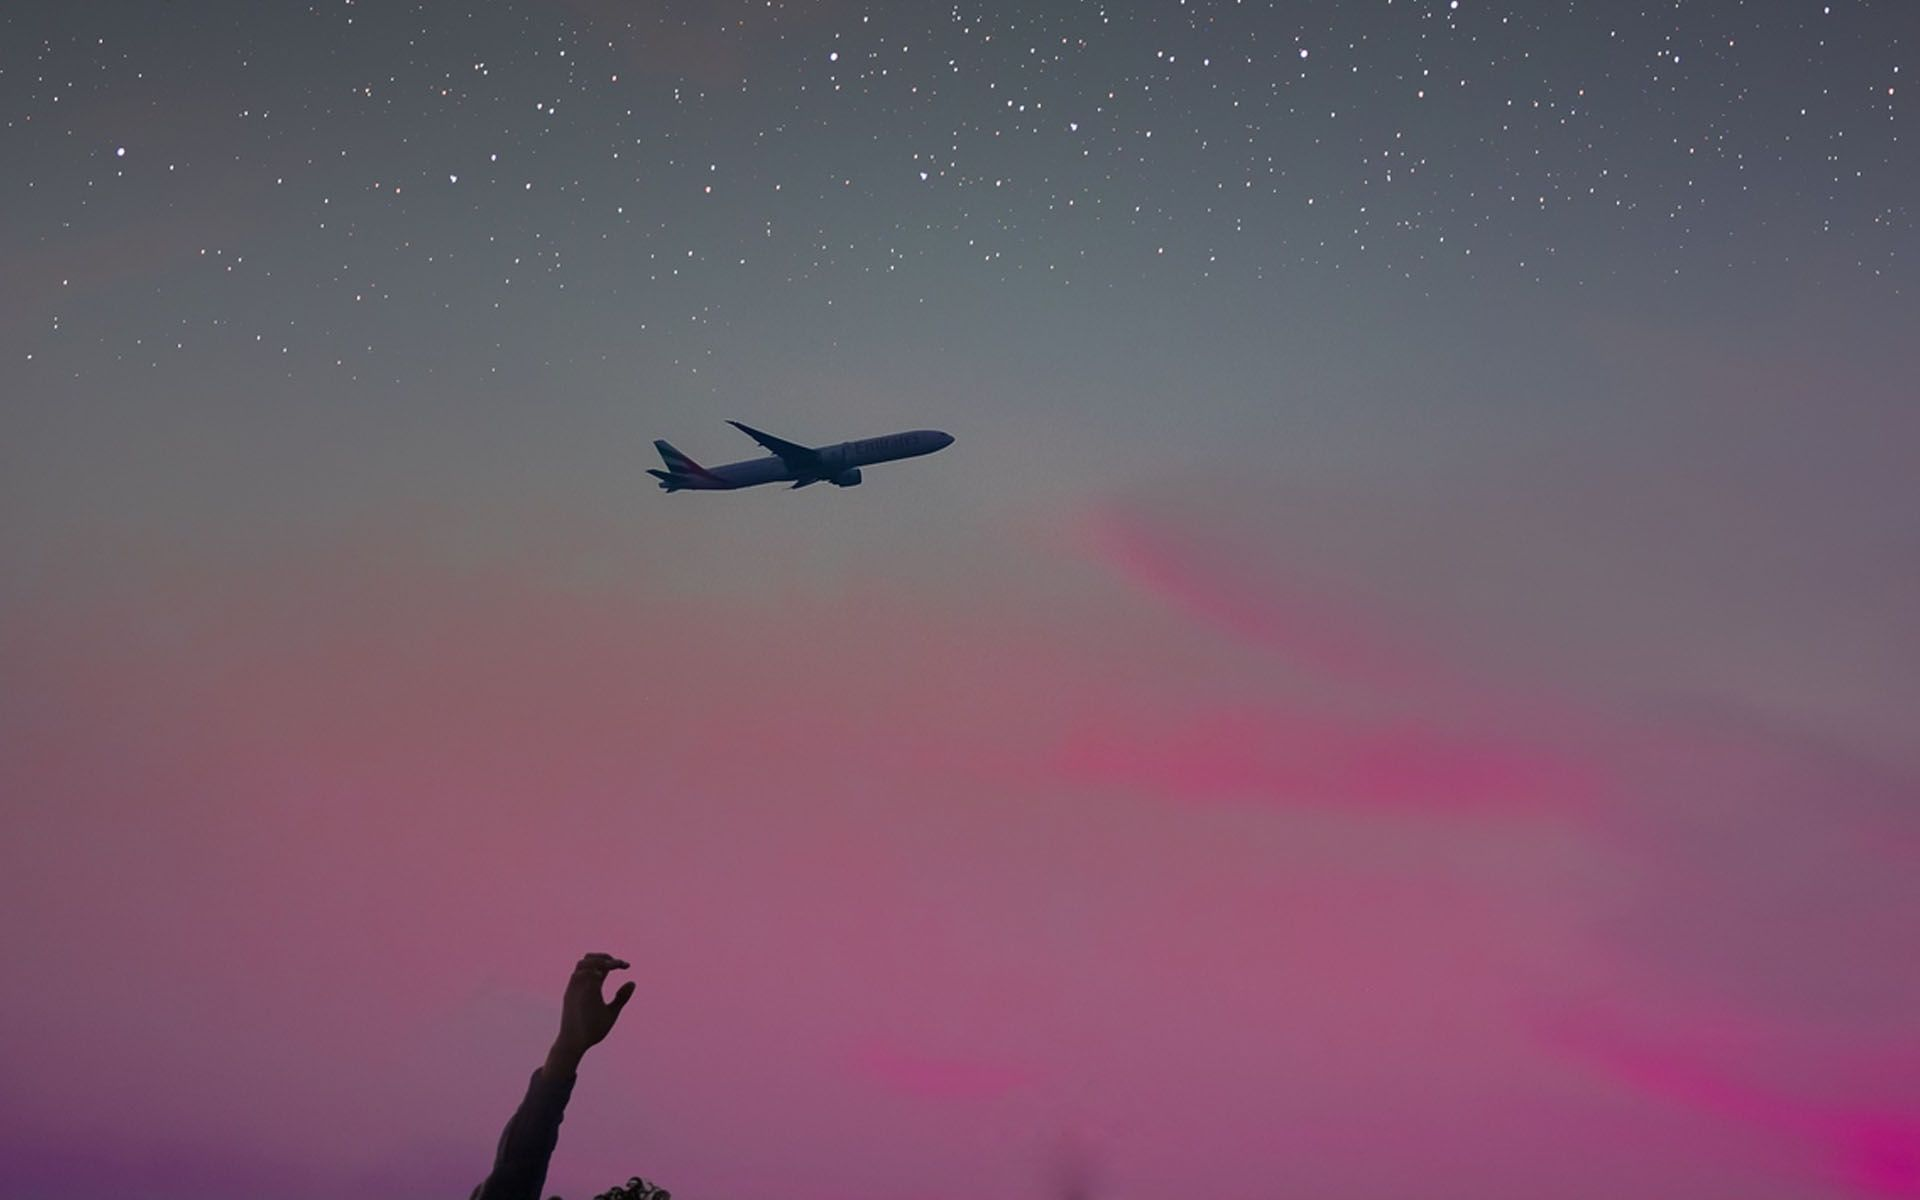 Airplane Photo Hd Wallpaper Laptop Wallpaper Hd Wallpaper Desktop Wallpaper Macbook